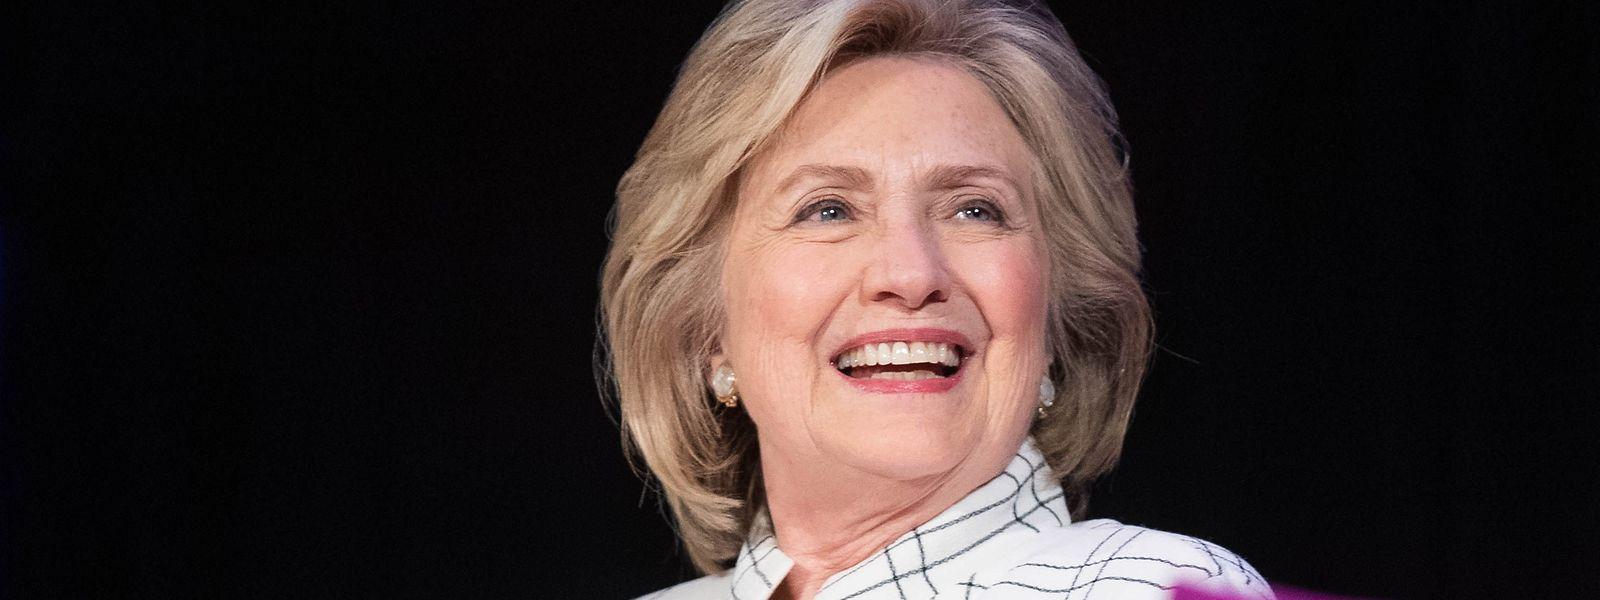 """""""Jeder, der in diesem Land wählt, hat ein Recht darauf, diesen Bericht vor eurer Wahl zu sehen"""", so Clinton der britischen BBC gegenüber."""